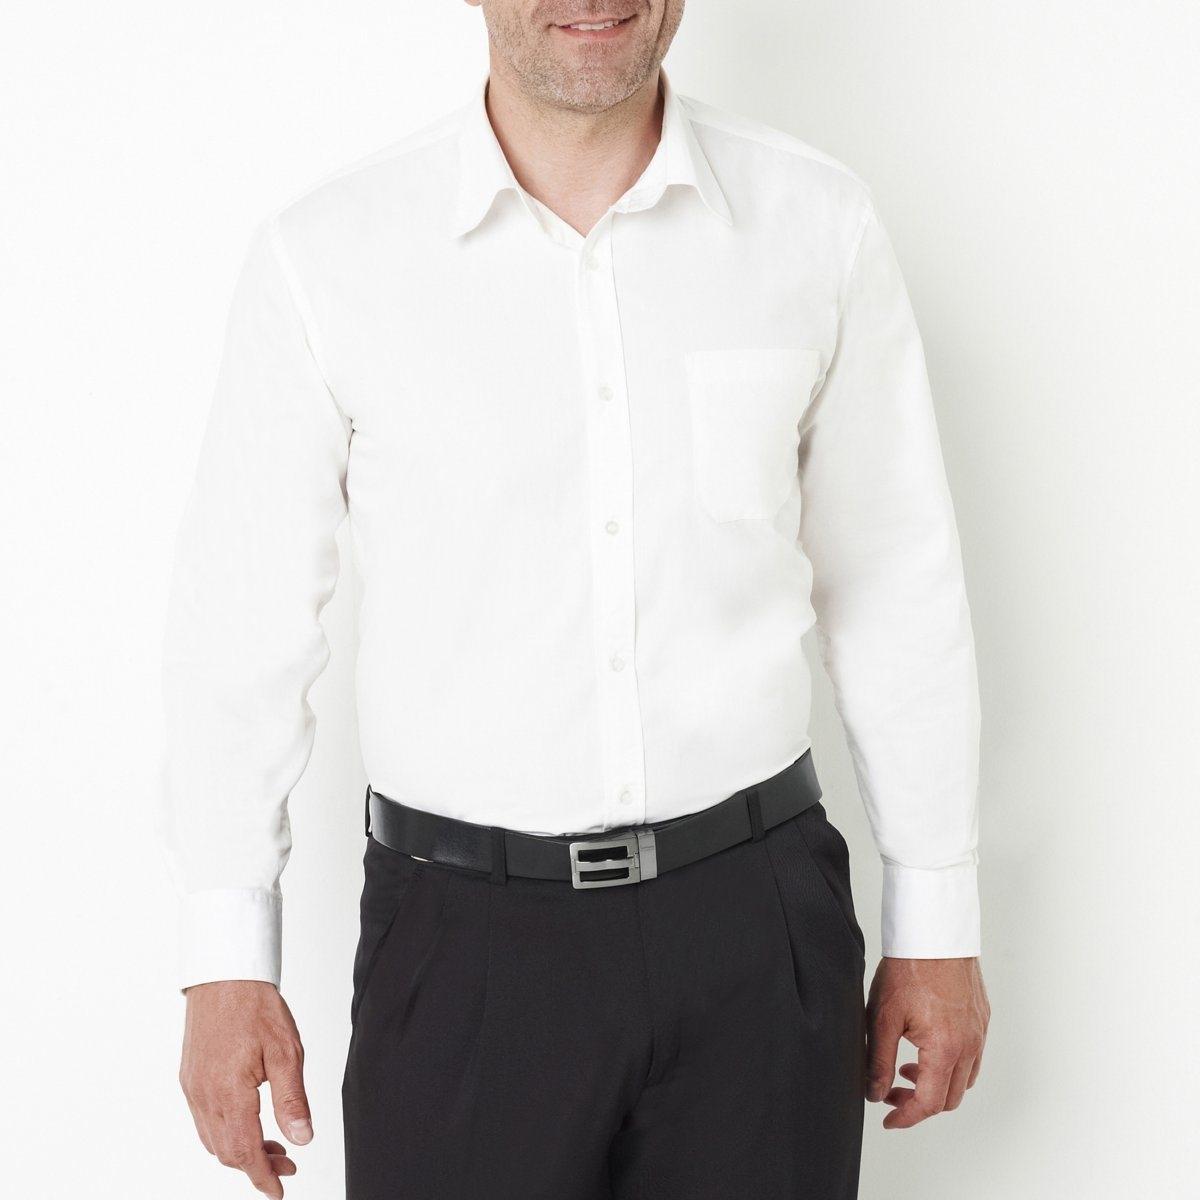 Рубашка прямая с принтом, коллекция больших размеров рубашка прямая большого размера в клетку